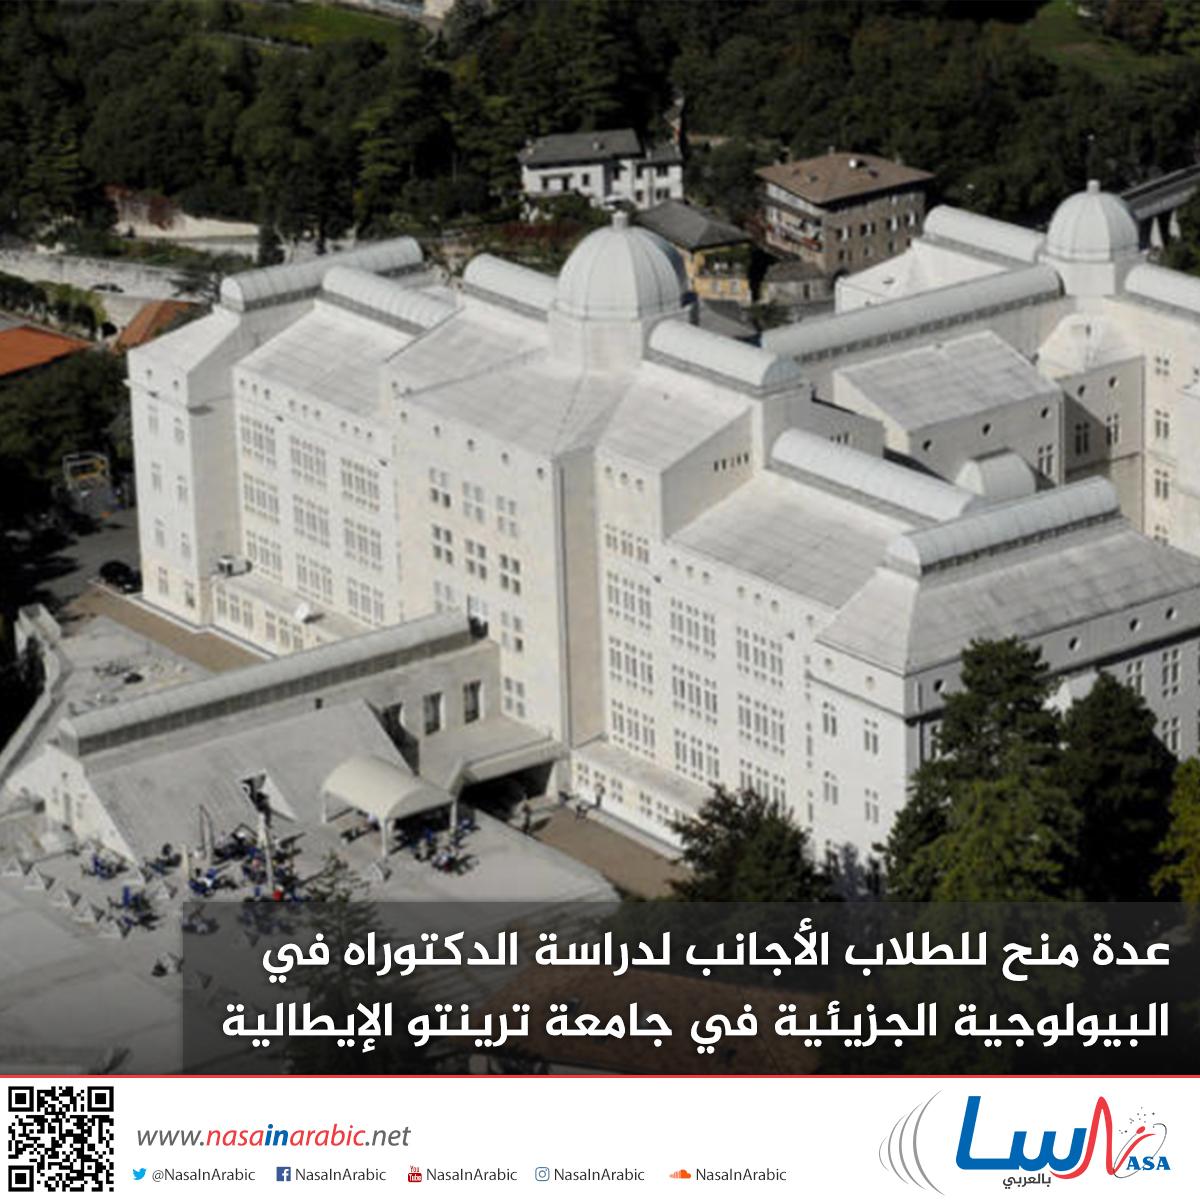 عدة منح للطلاب الأجانب لدراسة الدكتوراه في البيولوجية الجزيئية في جامعة ترينتو الإيطالية